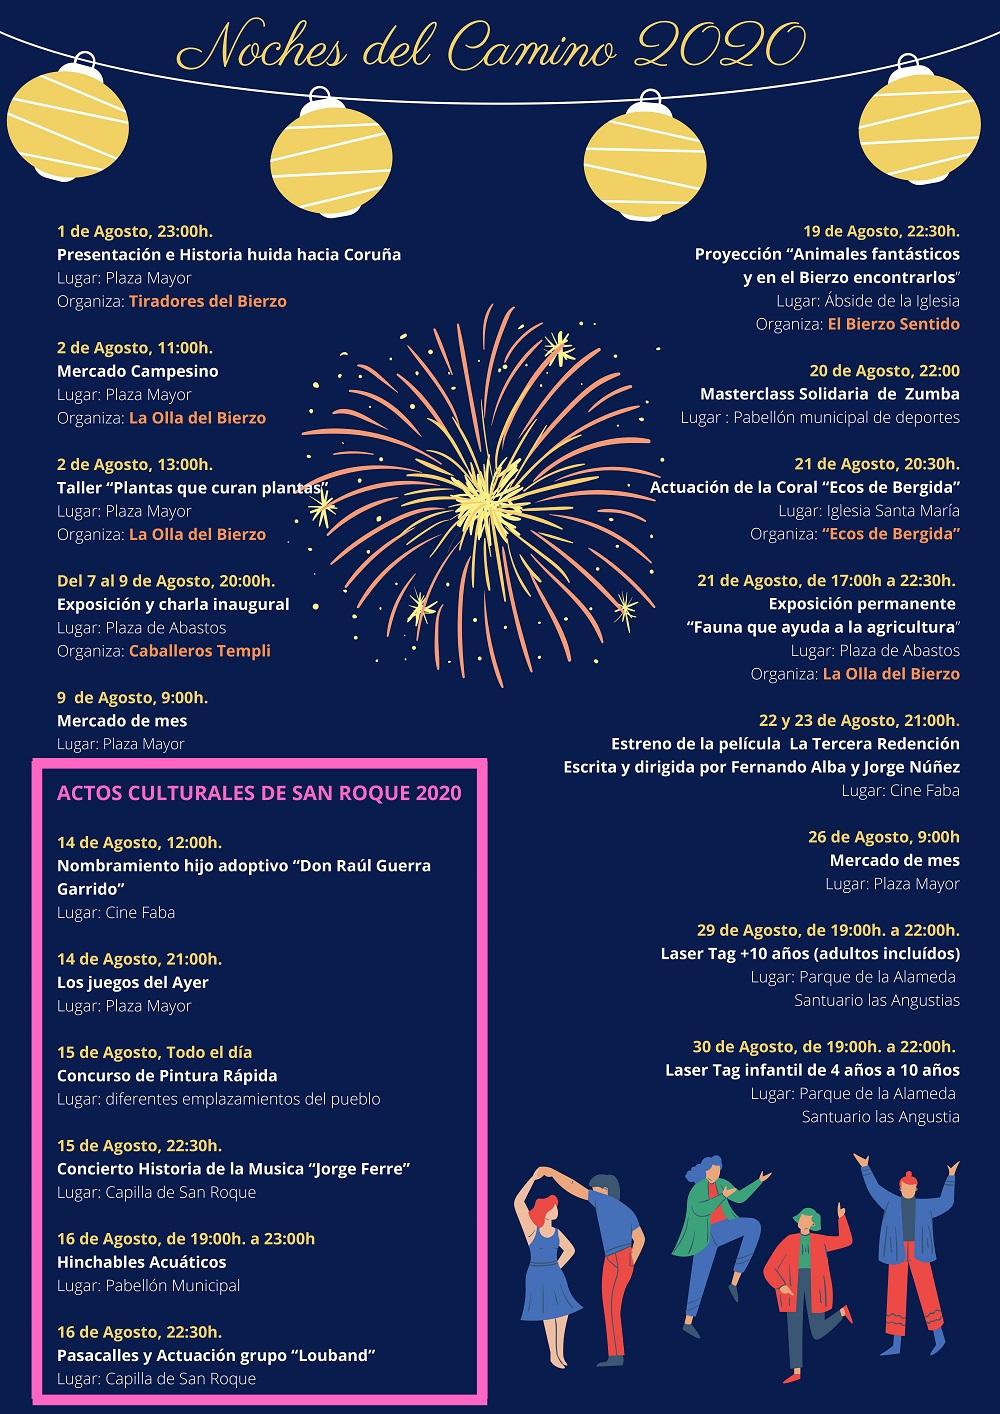 Cacabelos celebra las noches del Camino 2020 que incluyen cine, charlas o exposiciones a lo largo de agosto y septiembre 3